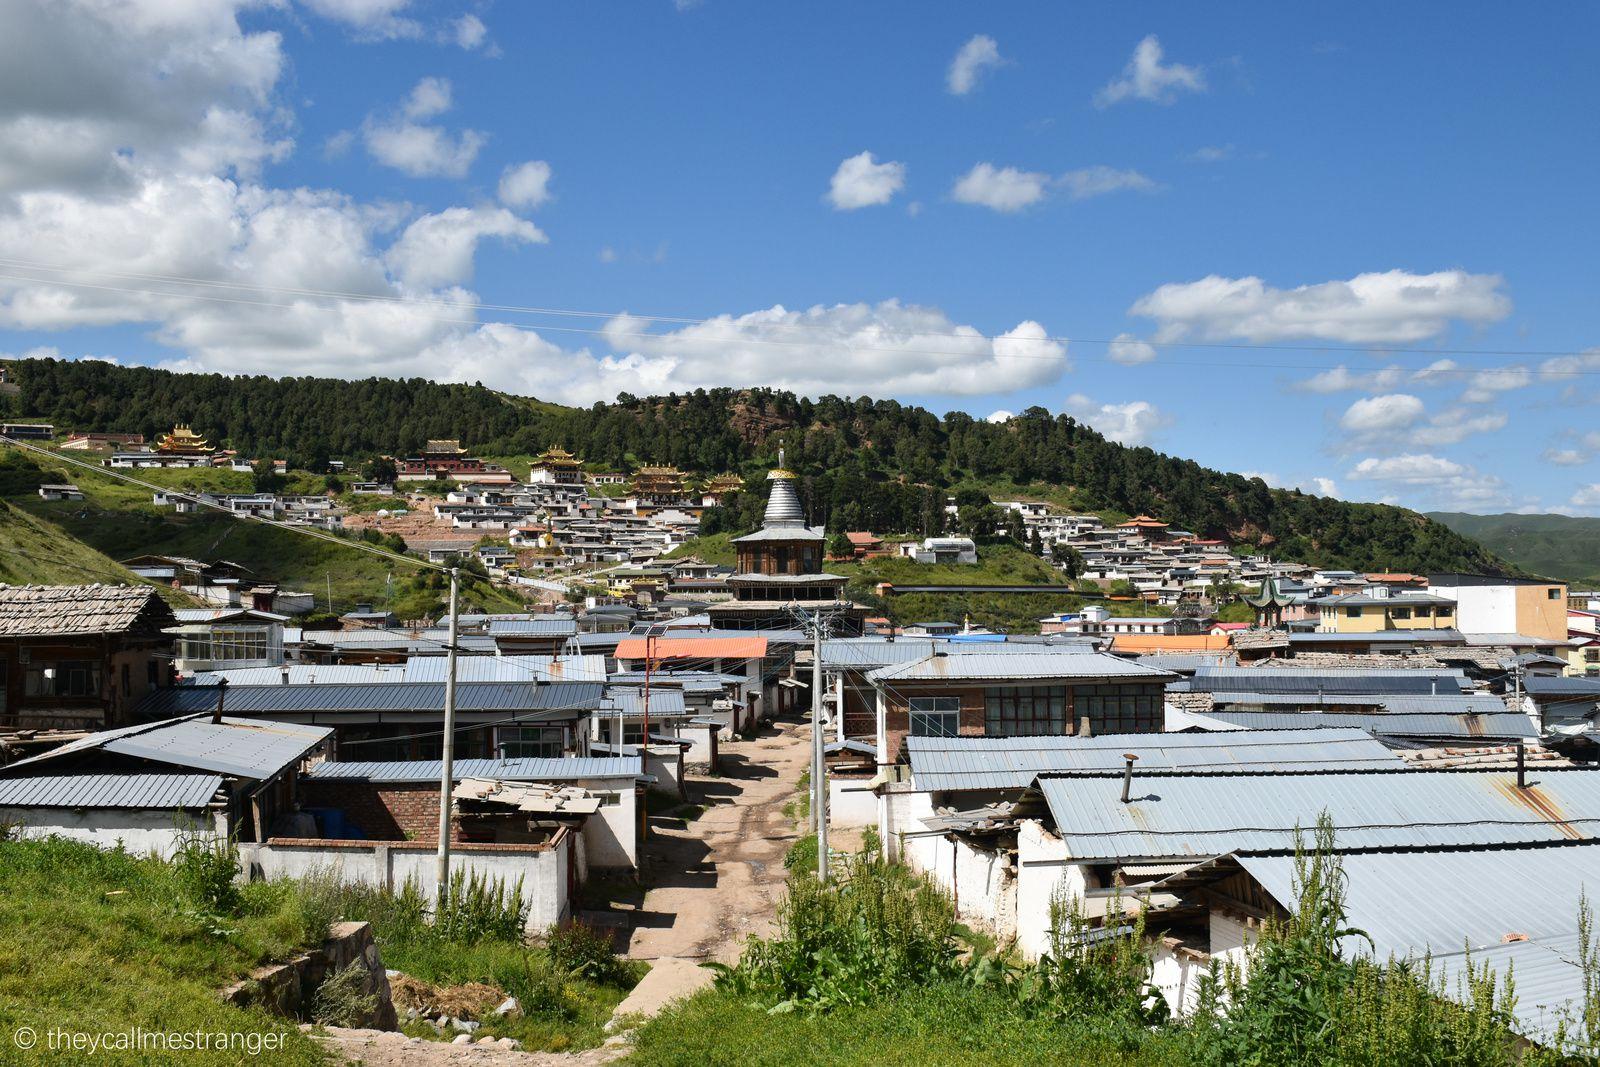 La ville tibétaine de Langmusi 郎木寺, entre Sichuan et Gansu